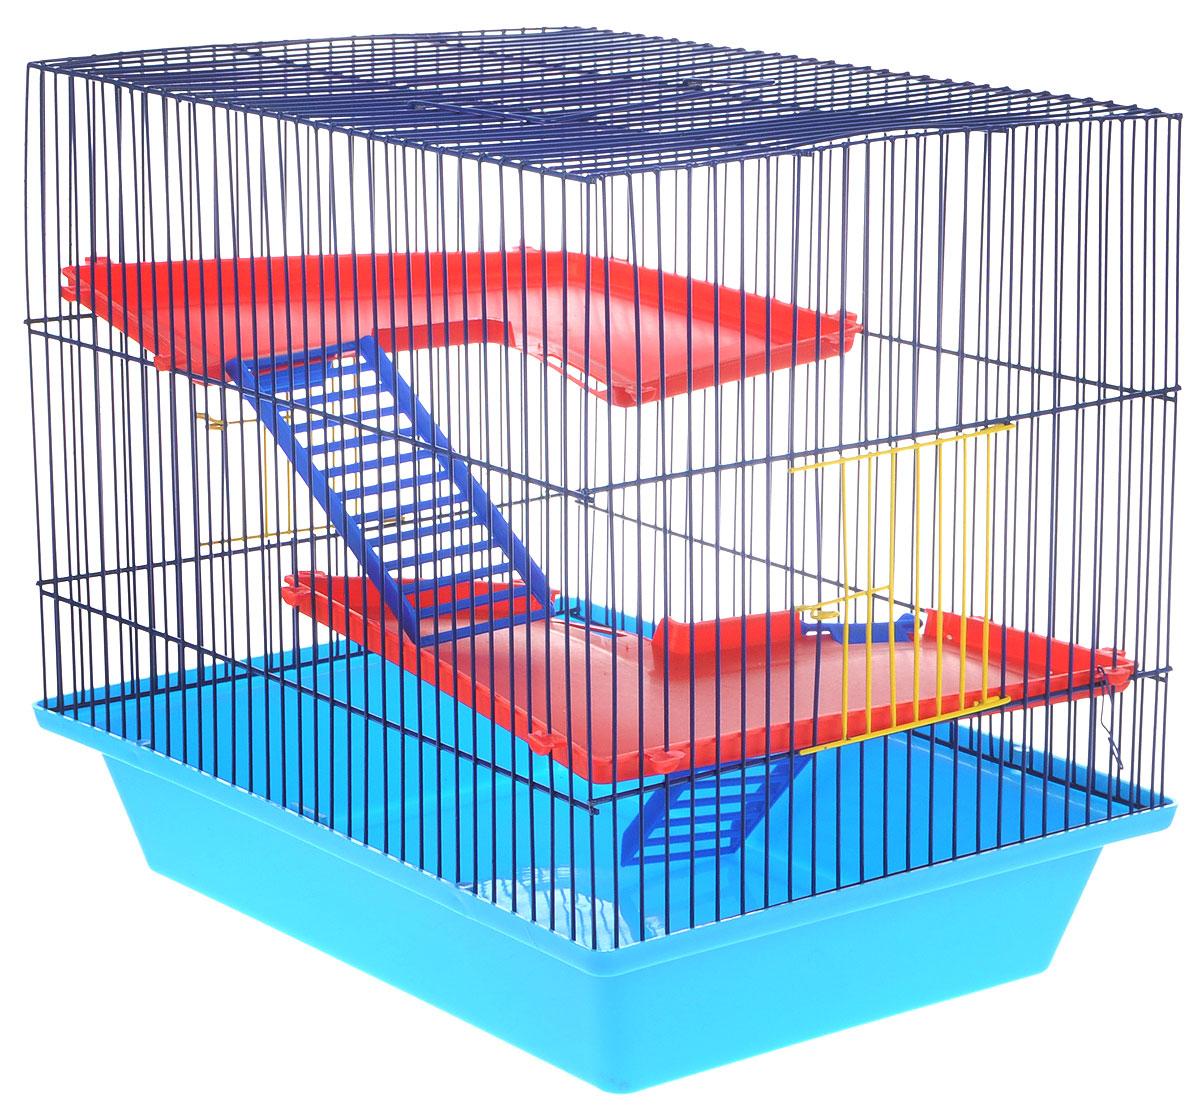 Клетка для грызунов ЗооМарк Гризли, 3-этажная, цвет: синий поддон, синяя решетка, красные этажи, 41 х 30 х 36 см клетка для грызунов зоомарк гризли 4 этажная цвет красный поддон синяя решетка красные этажи 41 х 30 х 50 см